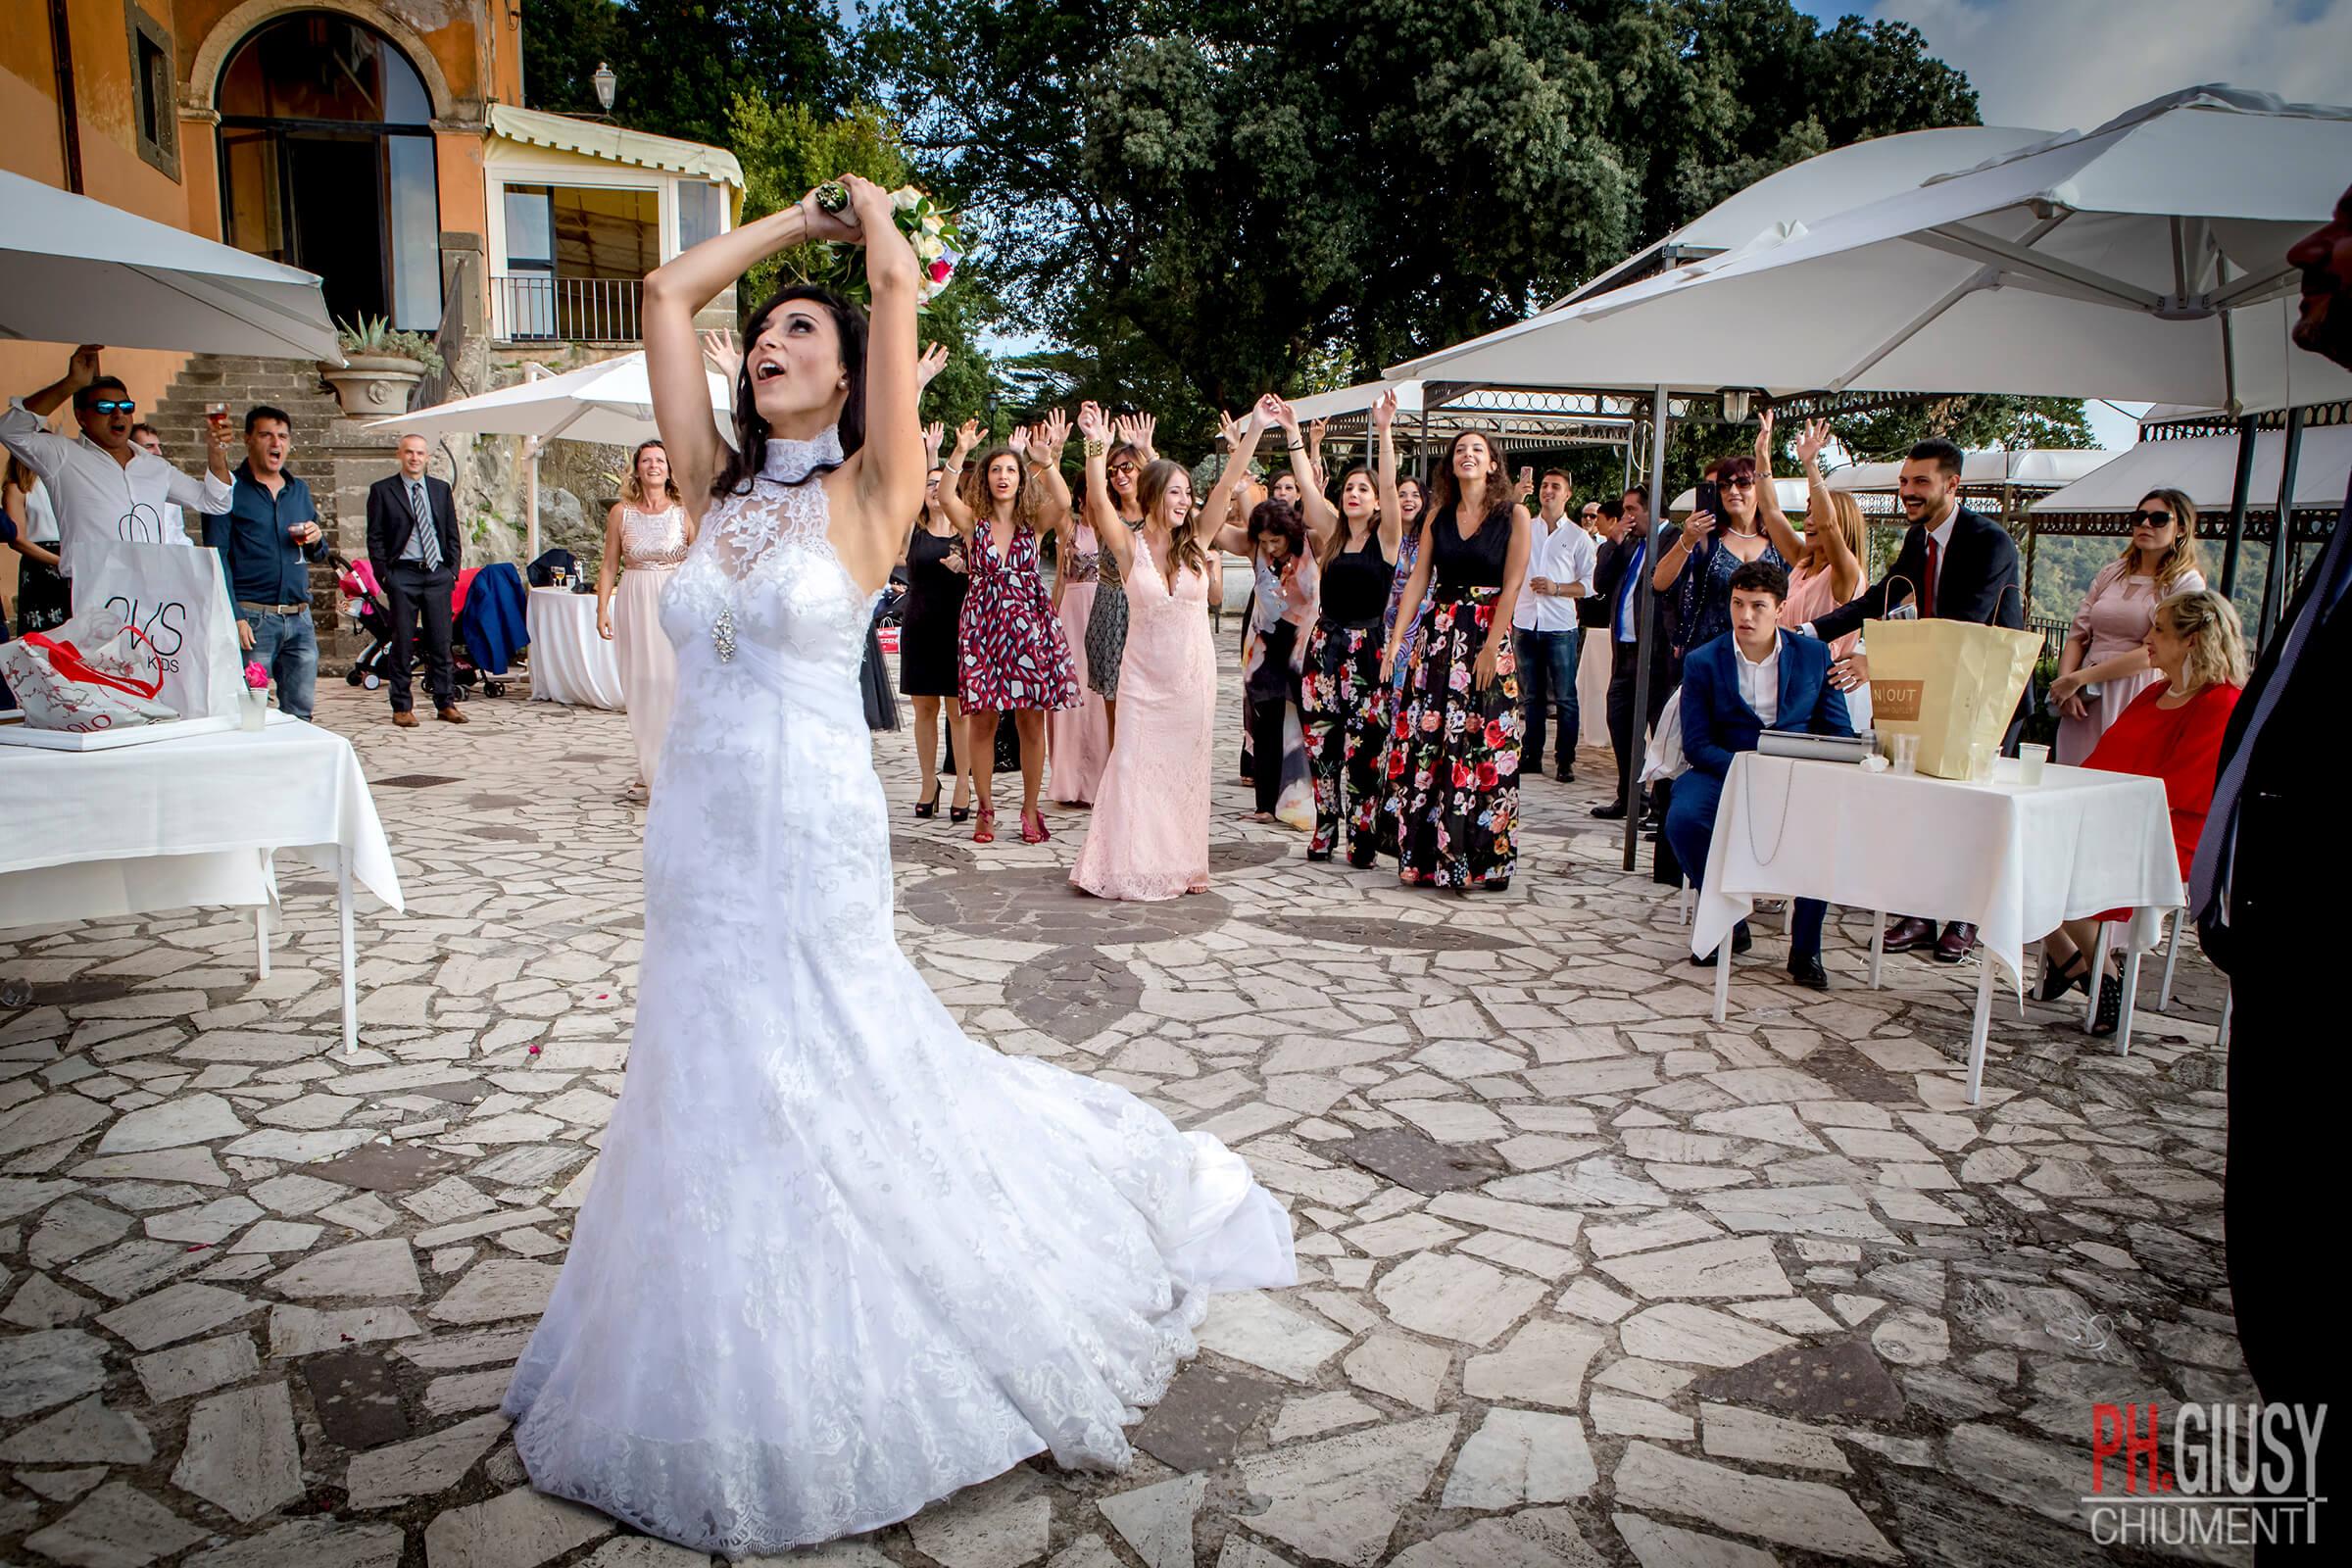 Matrimoni Giusy Chiumenti 19